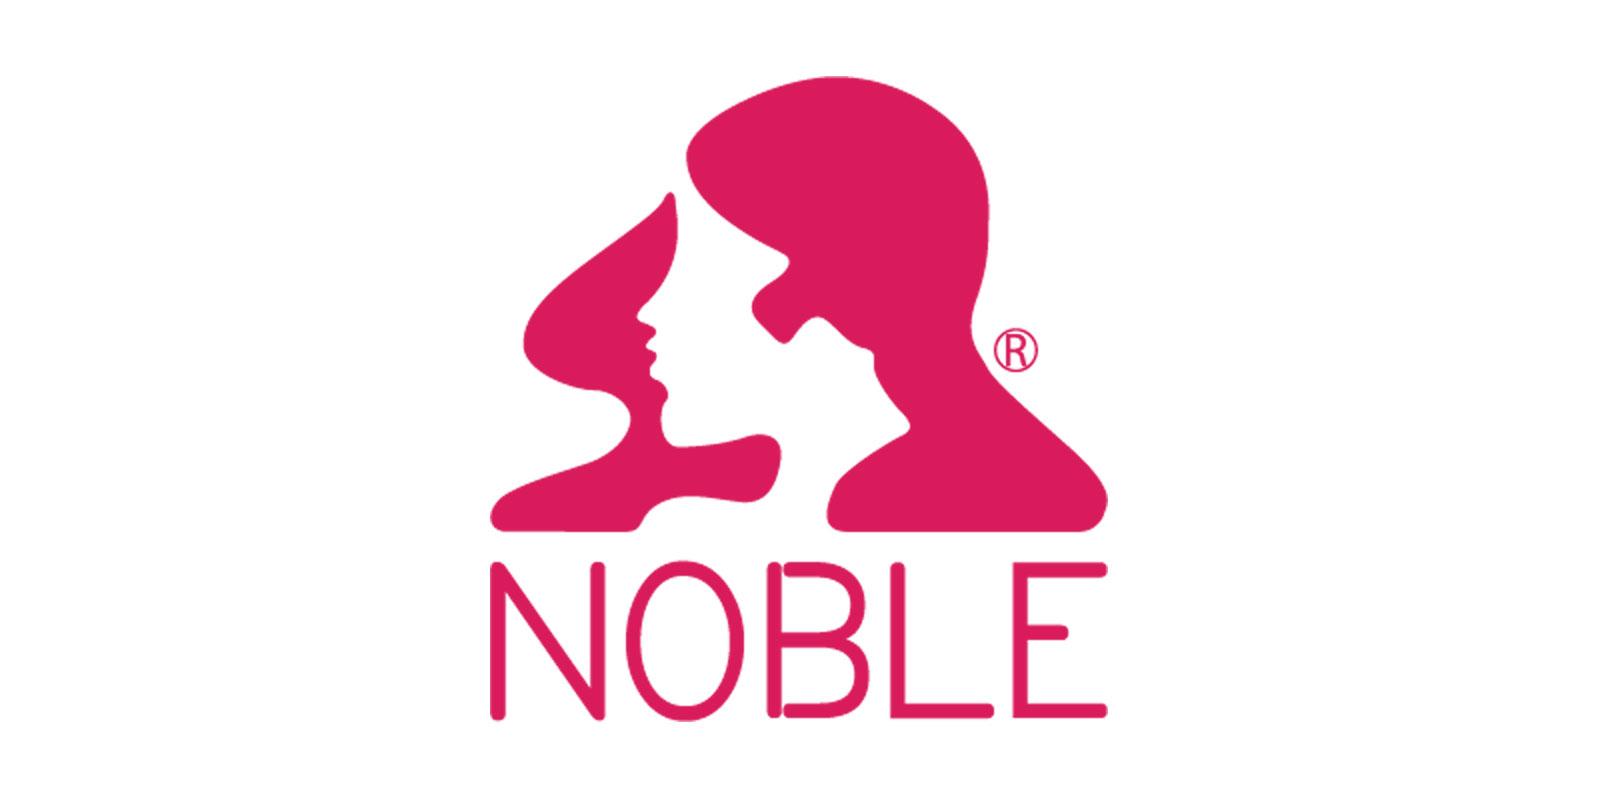 Gamme Noble Sleek